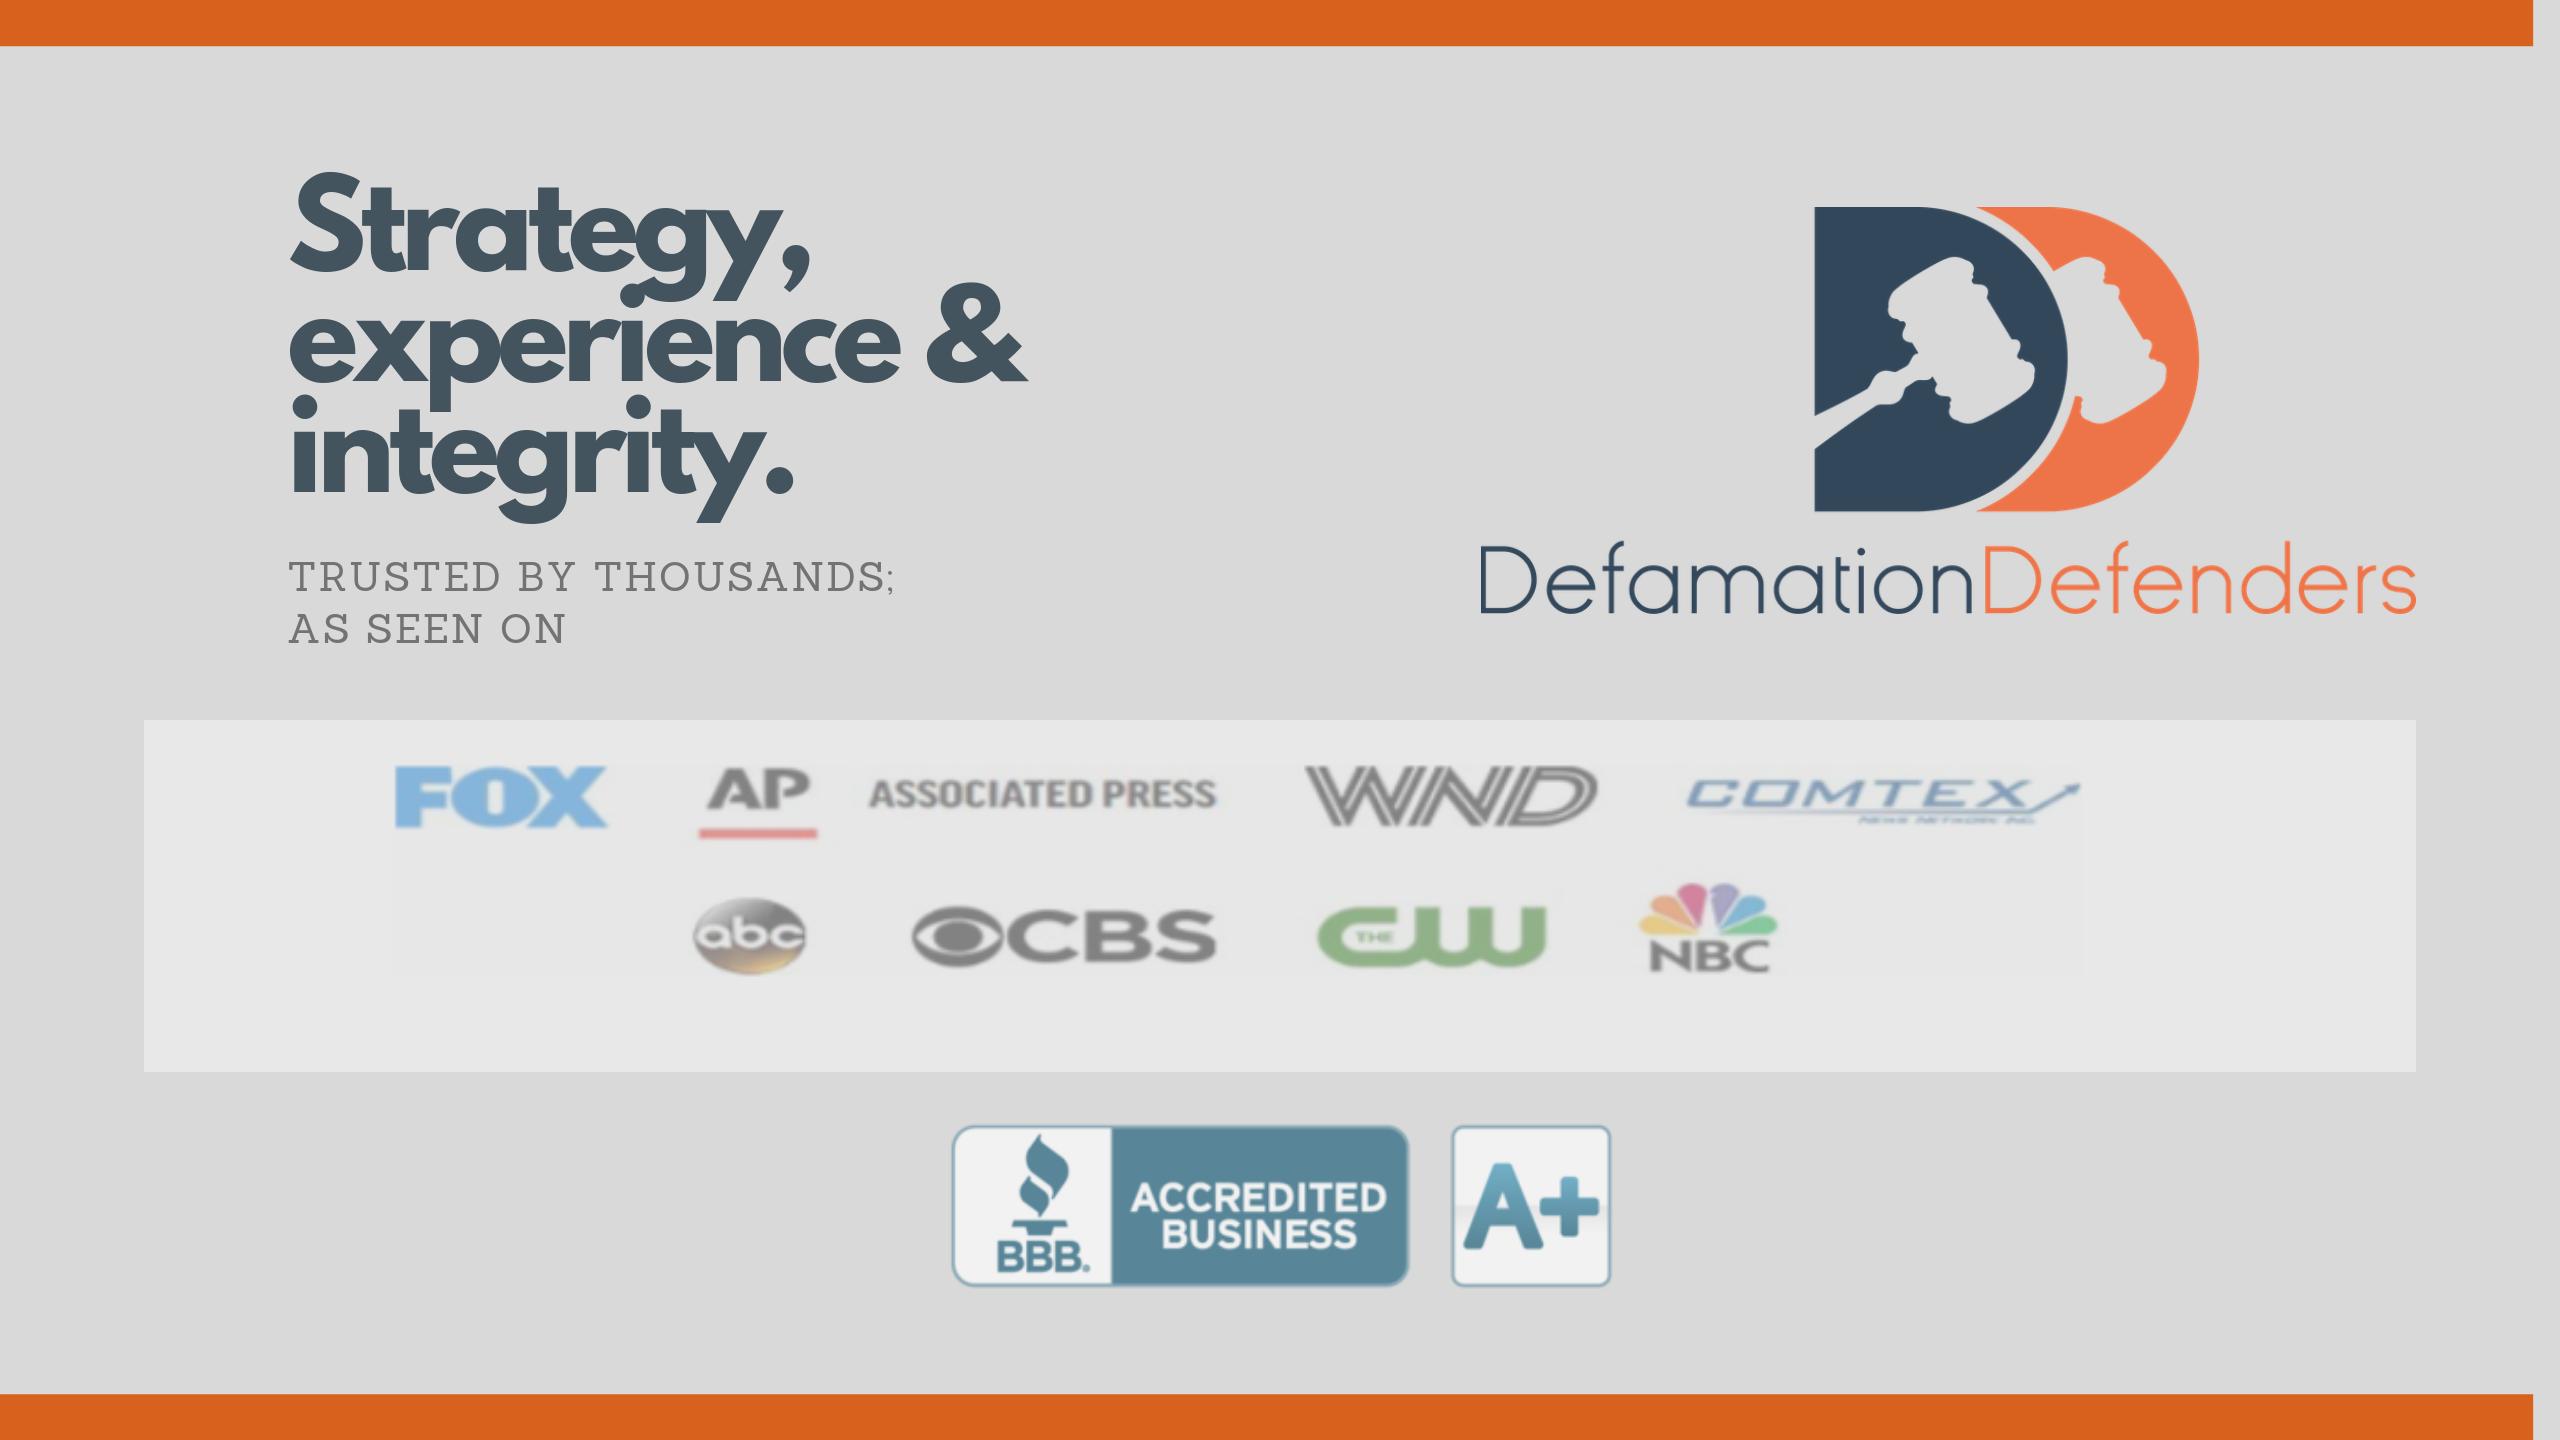 Defamation Defenders online reputation management Press BBB